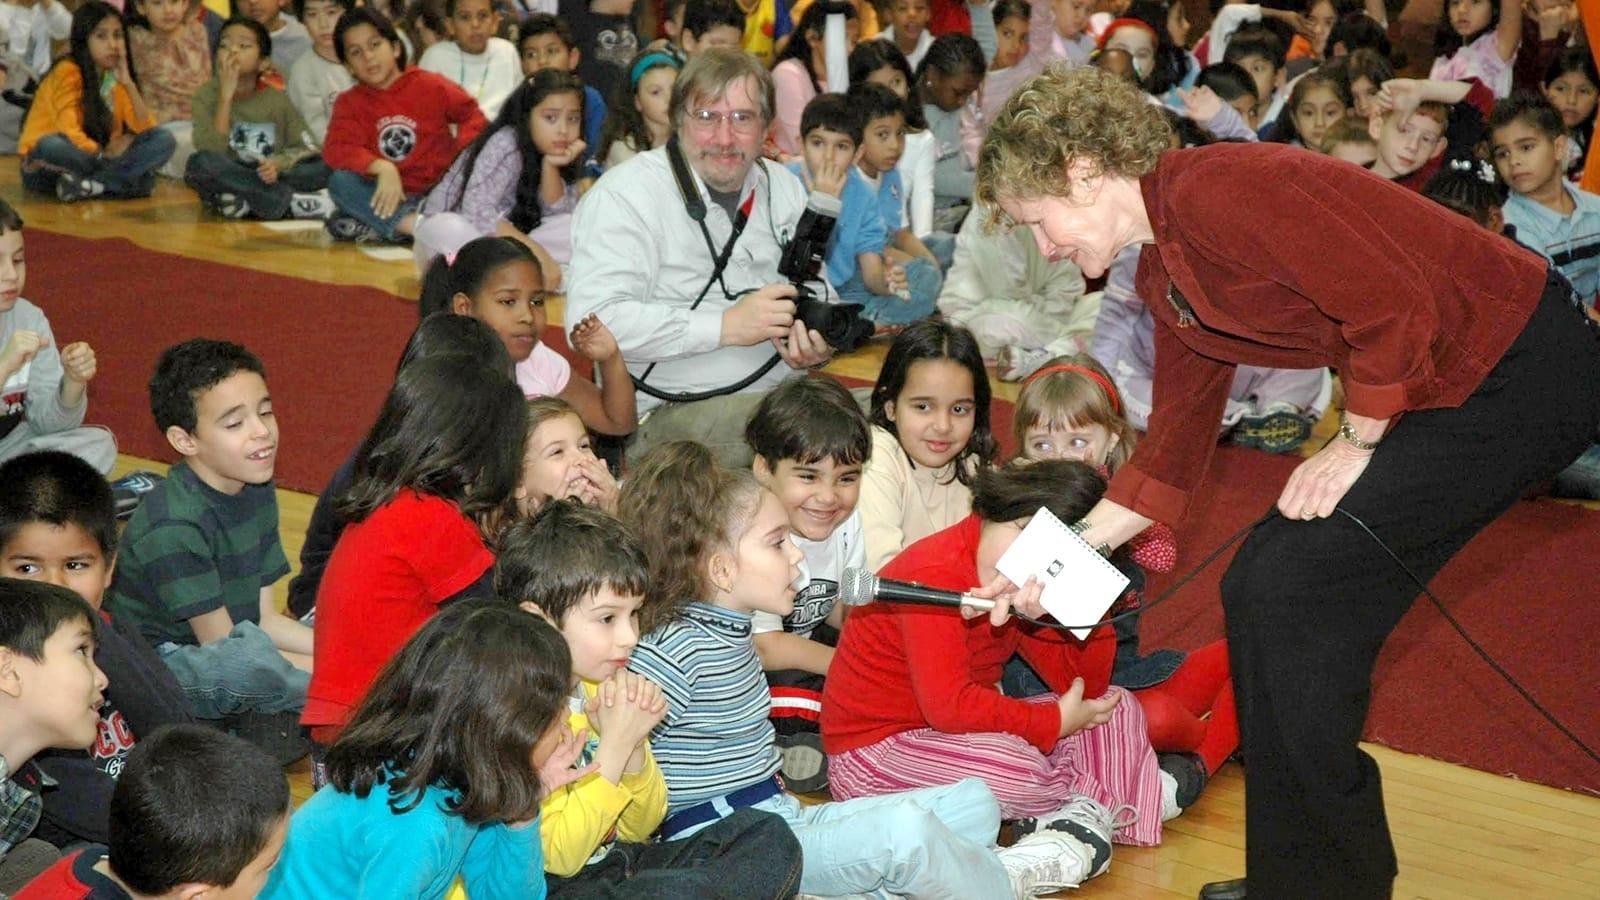 Judy Blume interacts with schoolchildren in an auditorium